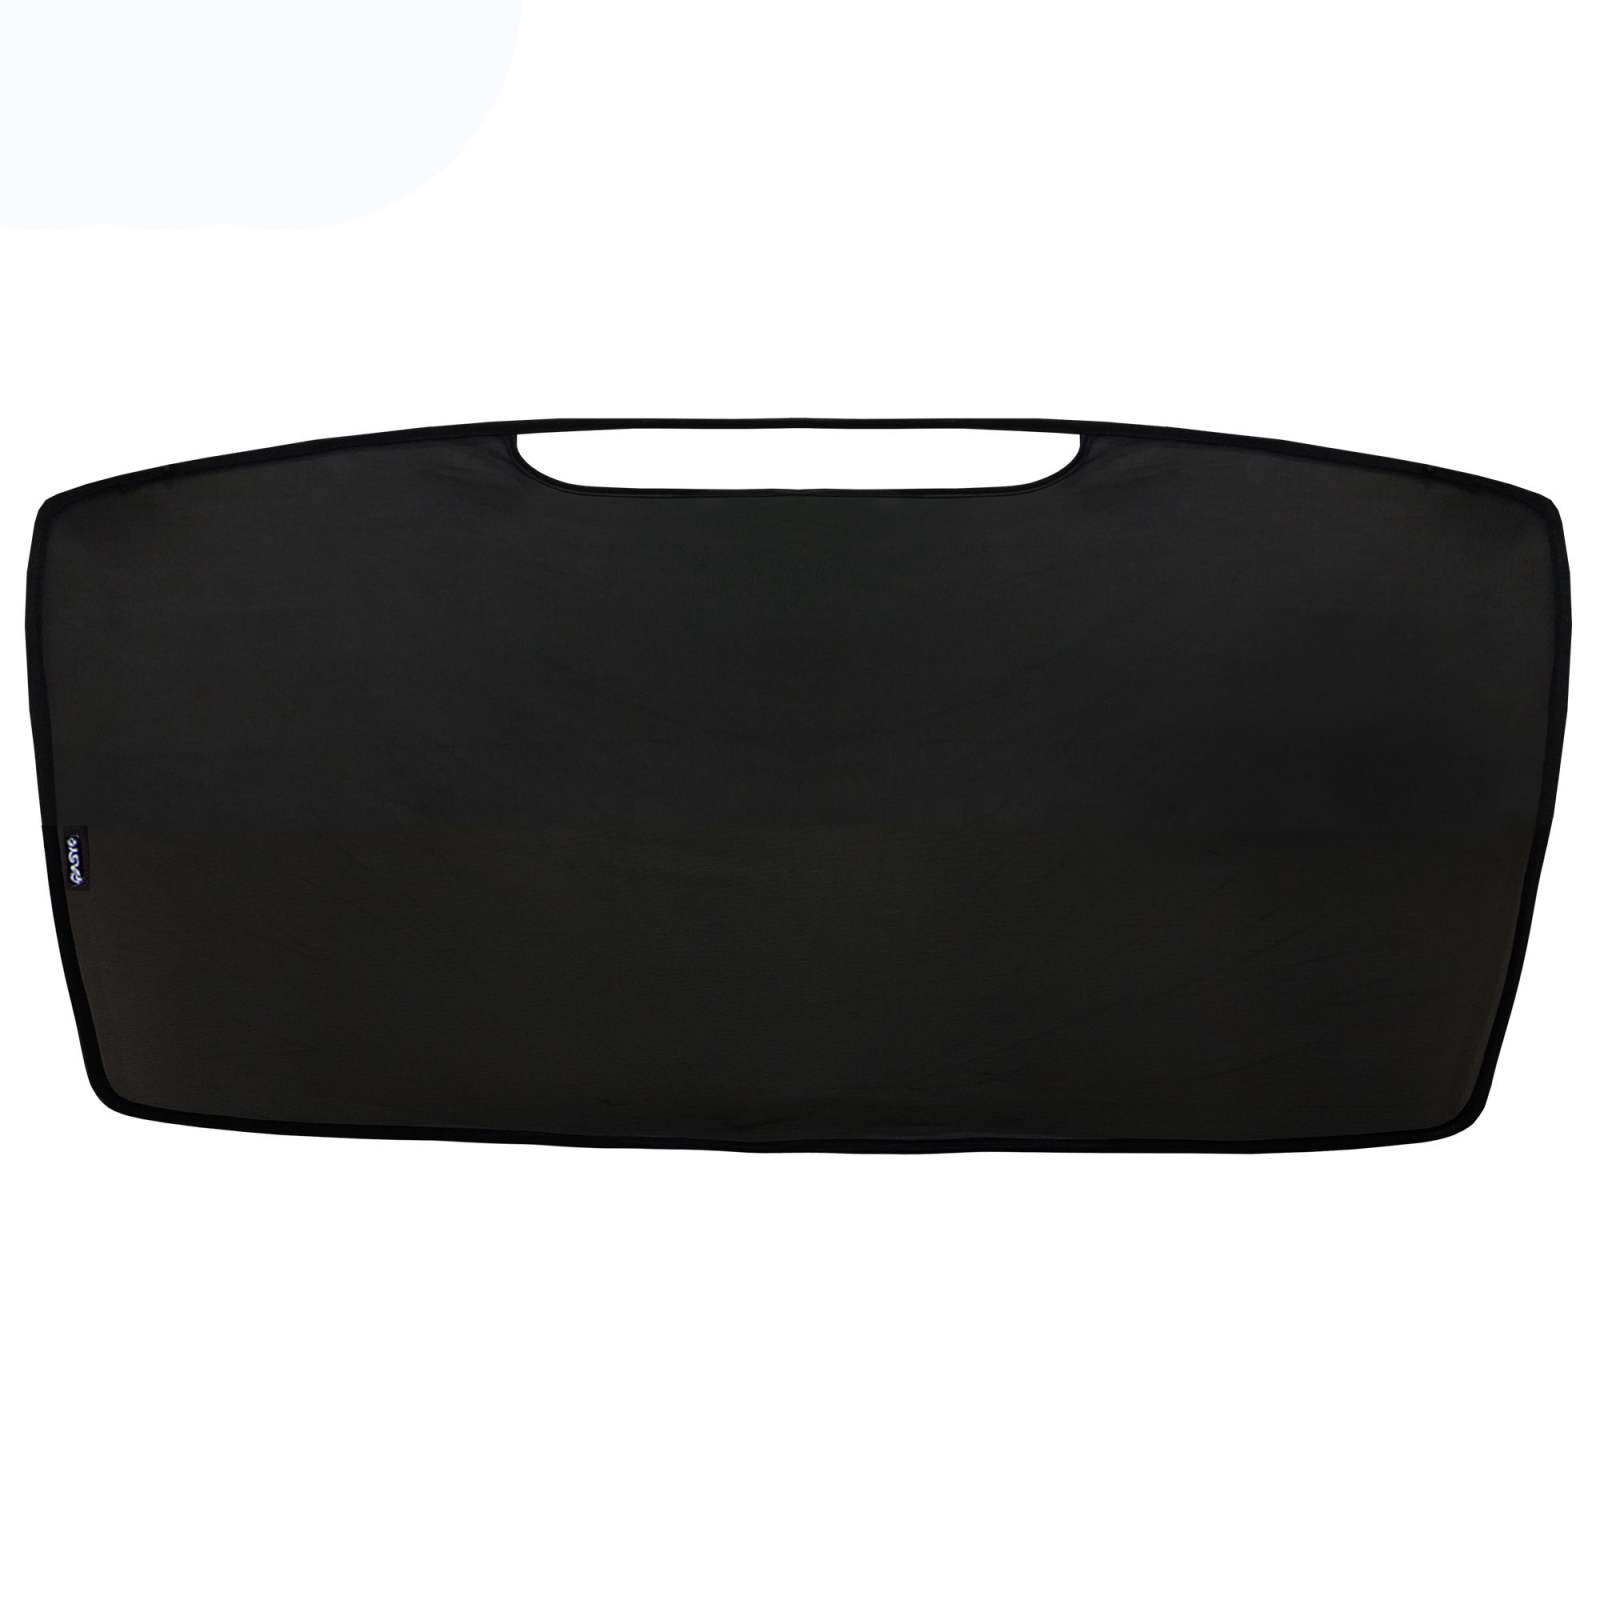 آفتابگیر شیشه عقب خودرو پاسیکو مدل P513 مناسب برای تیبا 1